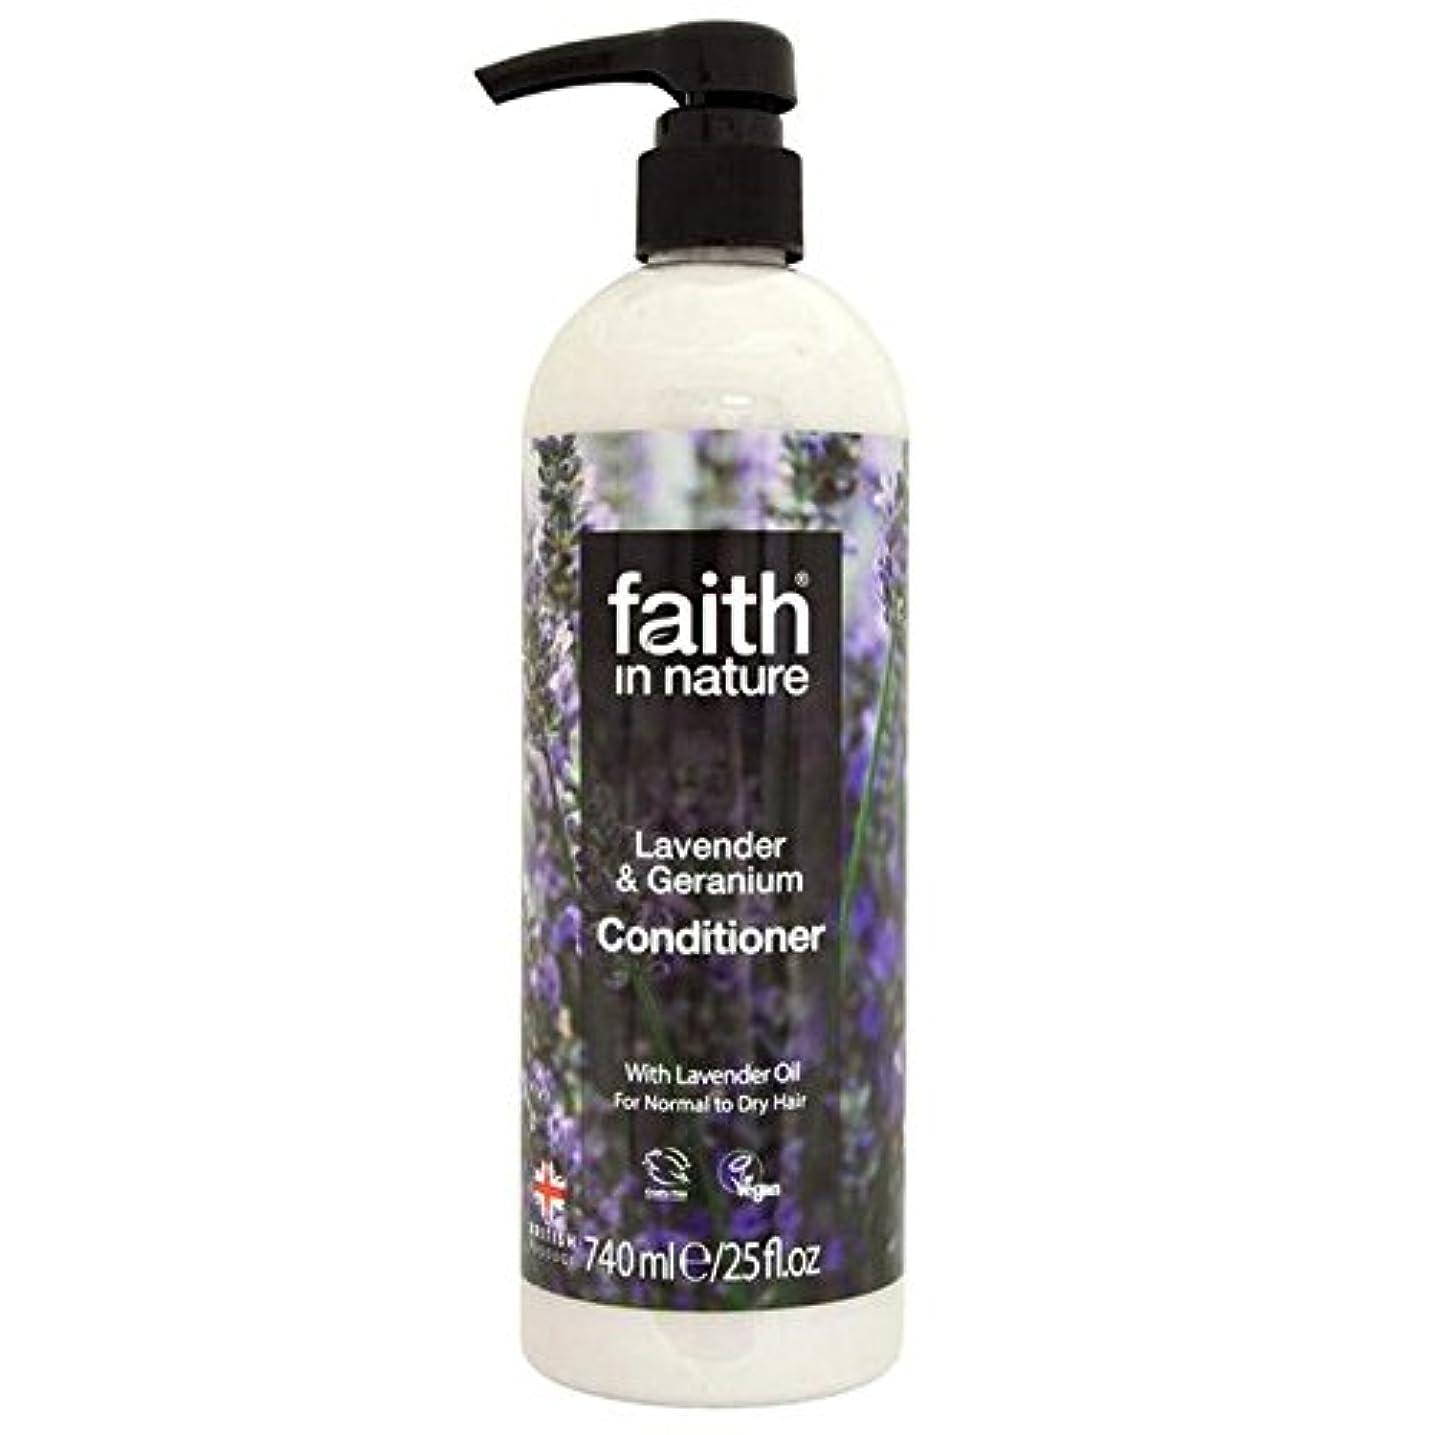 肺設置ポータルFaith in Nature Lavender & Geranium Conditioner 740ml - (Faith In Nature) 自然ラベンダー&ゼラニウムコンディショナー740ミリリットルの信仰 [並行輸入品]